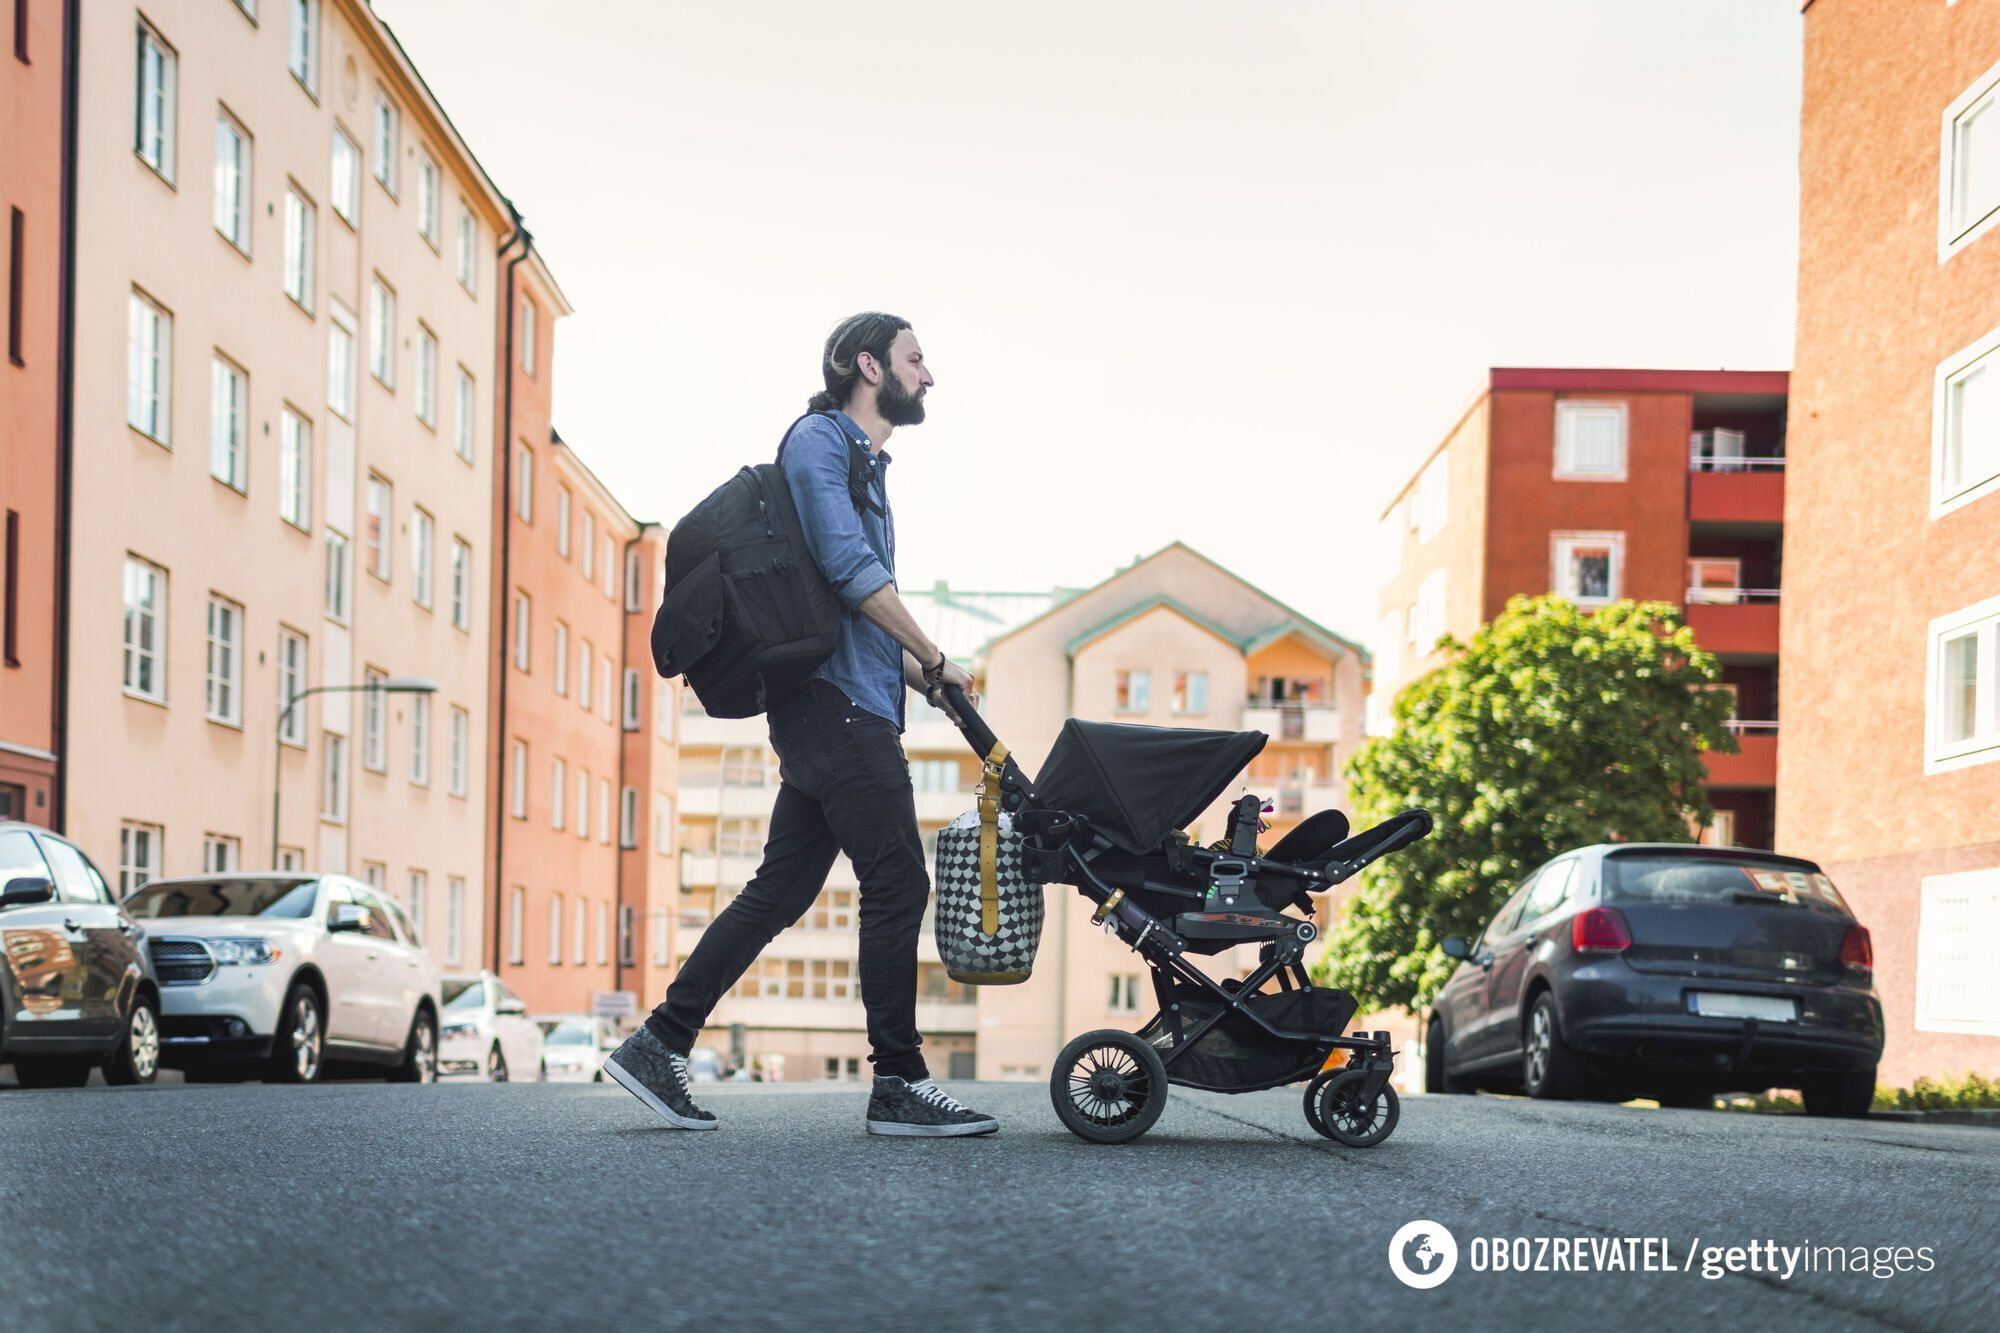 """Чому жінки з дітьми """"зайві"""" в умовах сучасного міста?"""